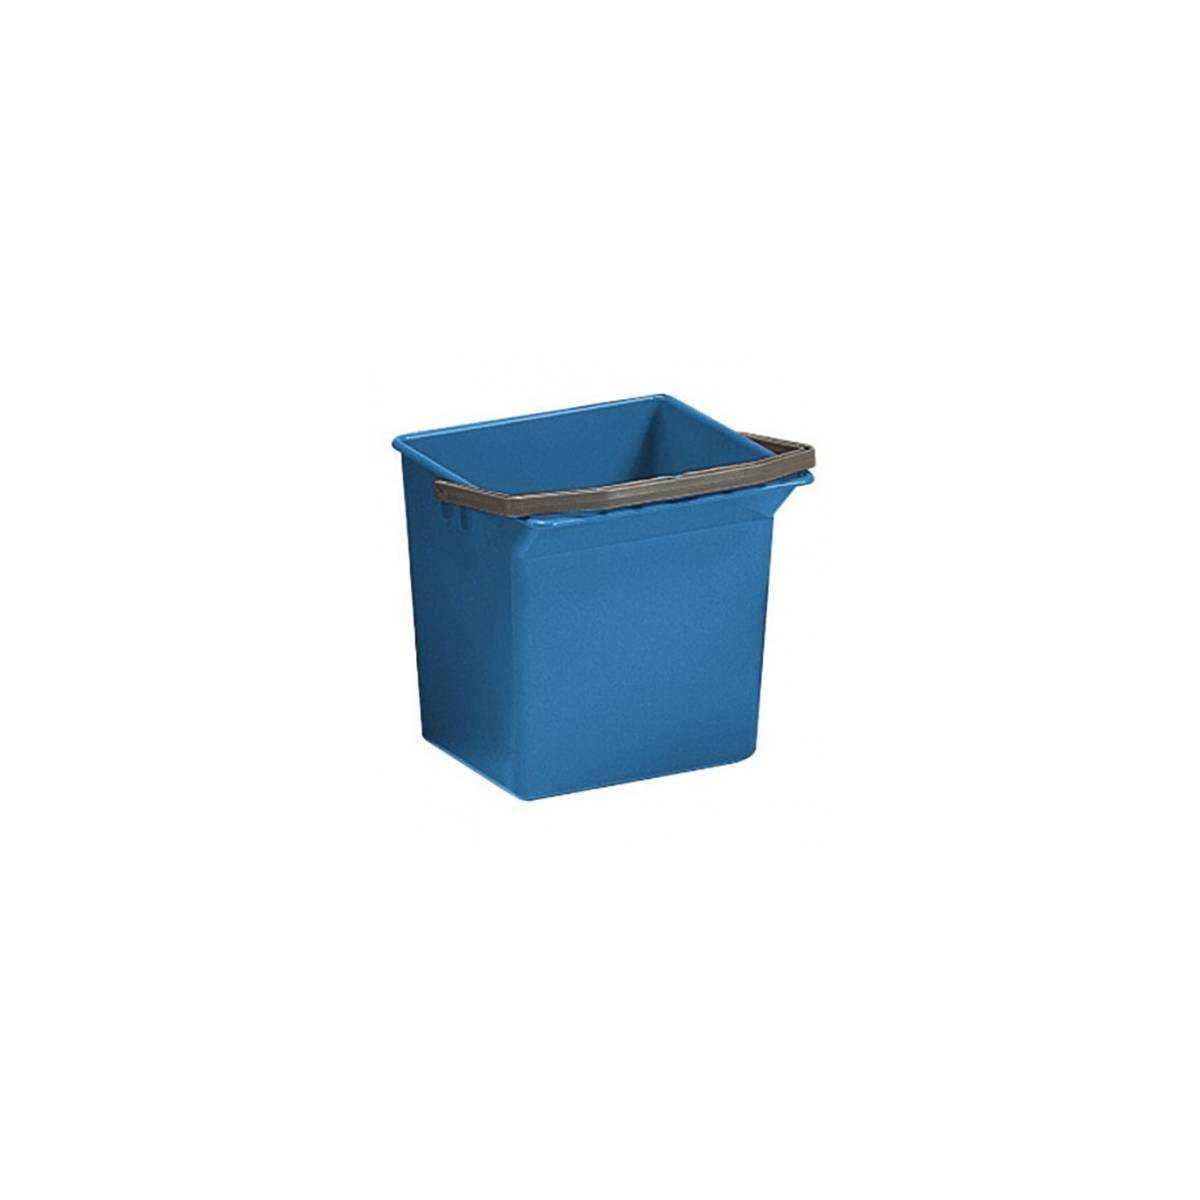 Ведро для уборки с ручкой 6л (Синего цвета) 00003503 TTS